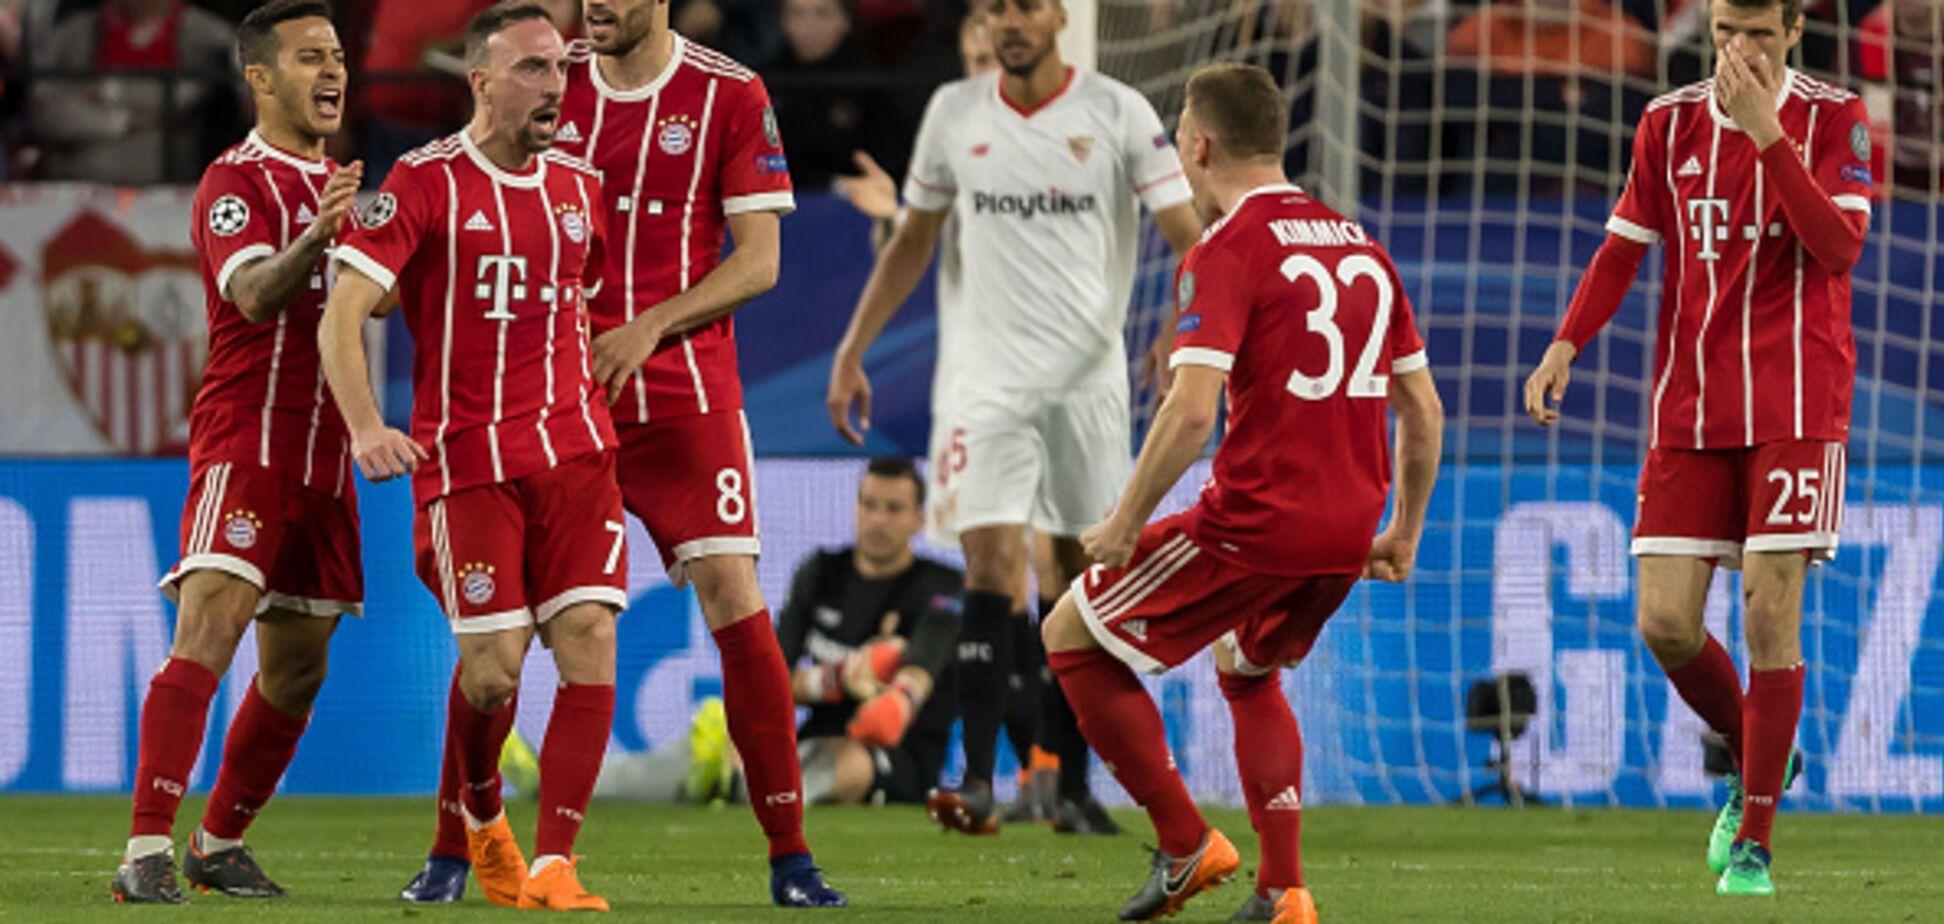 'Баварія' впевнено обіграла на виїзді 'Севілью' в 1/4 фіналу Ліги чемпіонів: відео голів